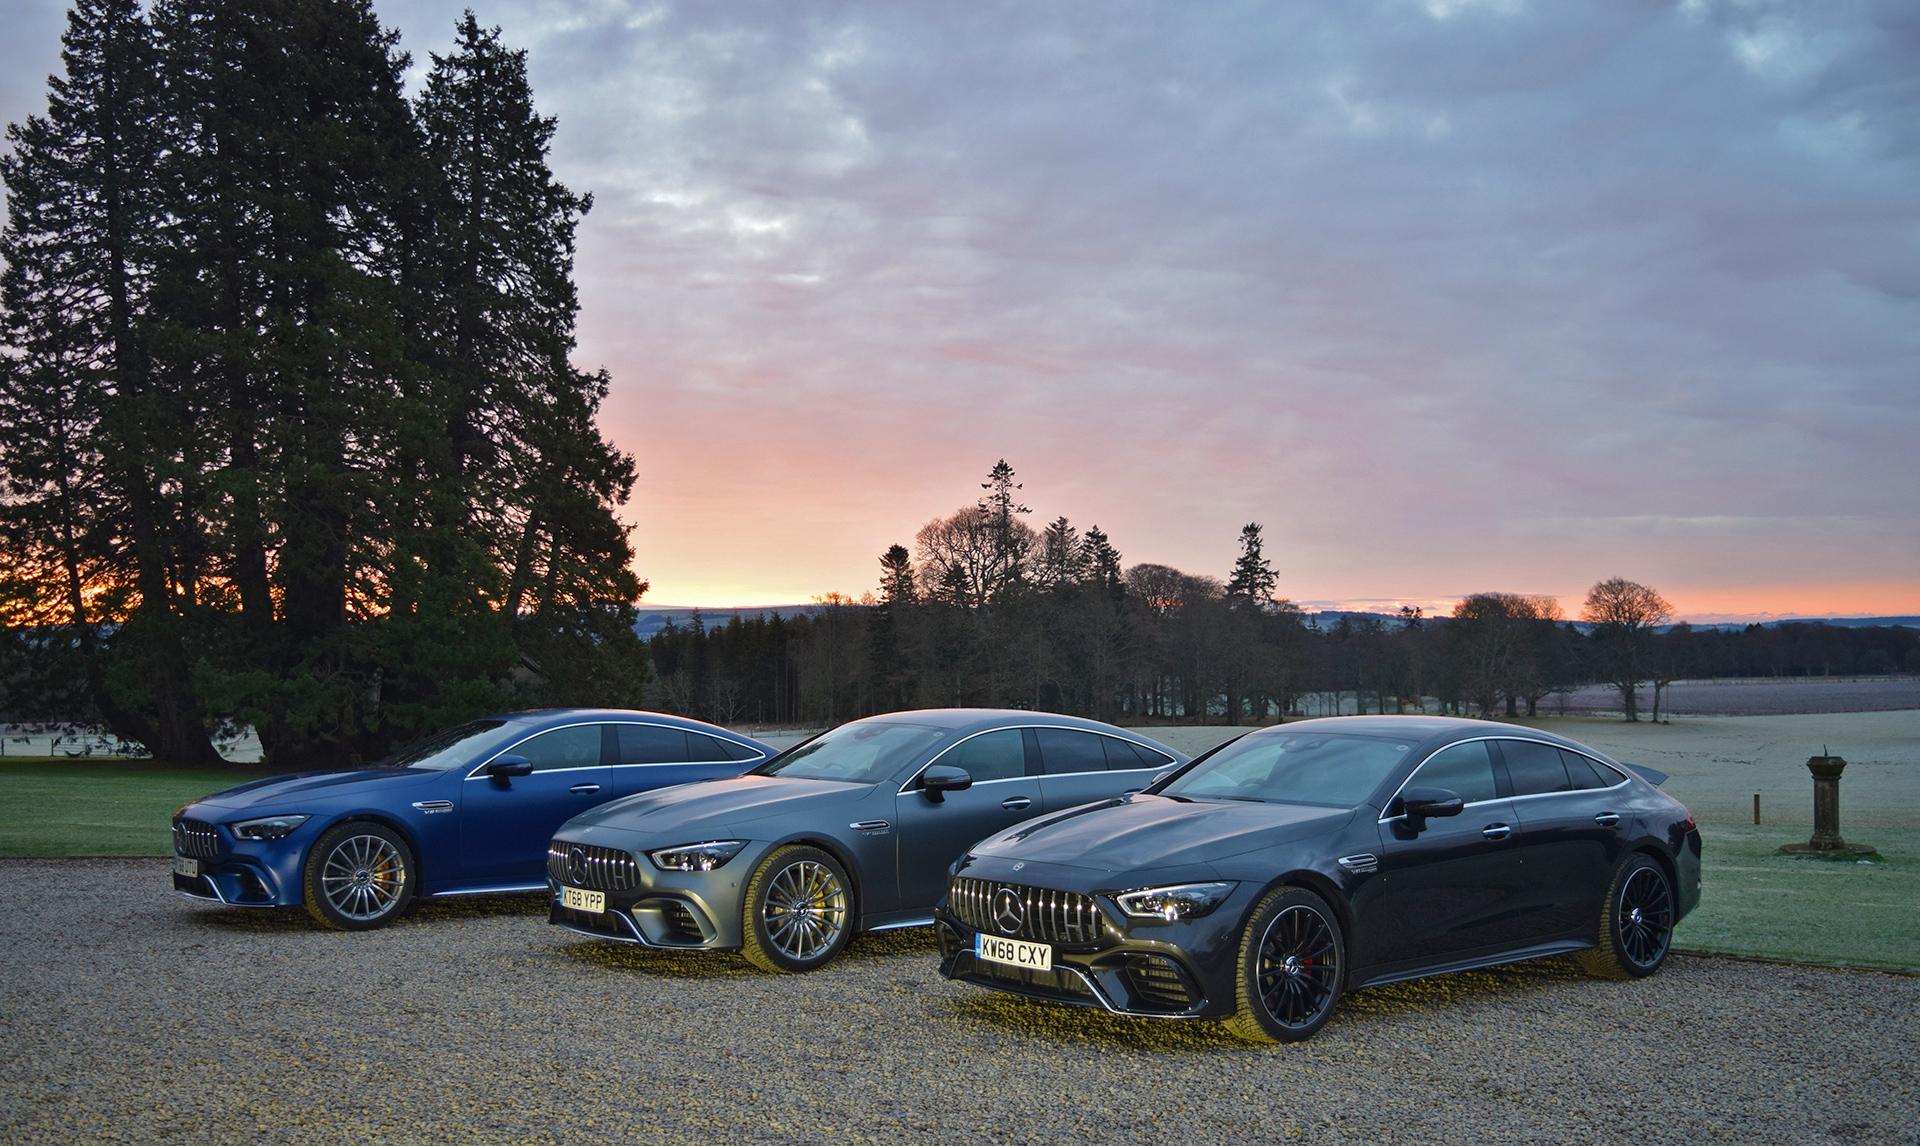 2019 Mercedes-AMG GT 63 4-Door, GT 63 S